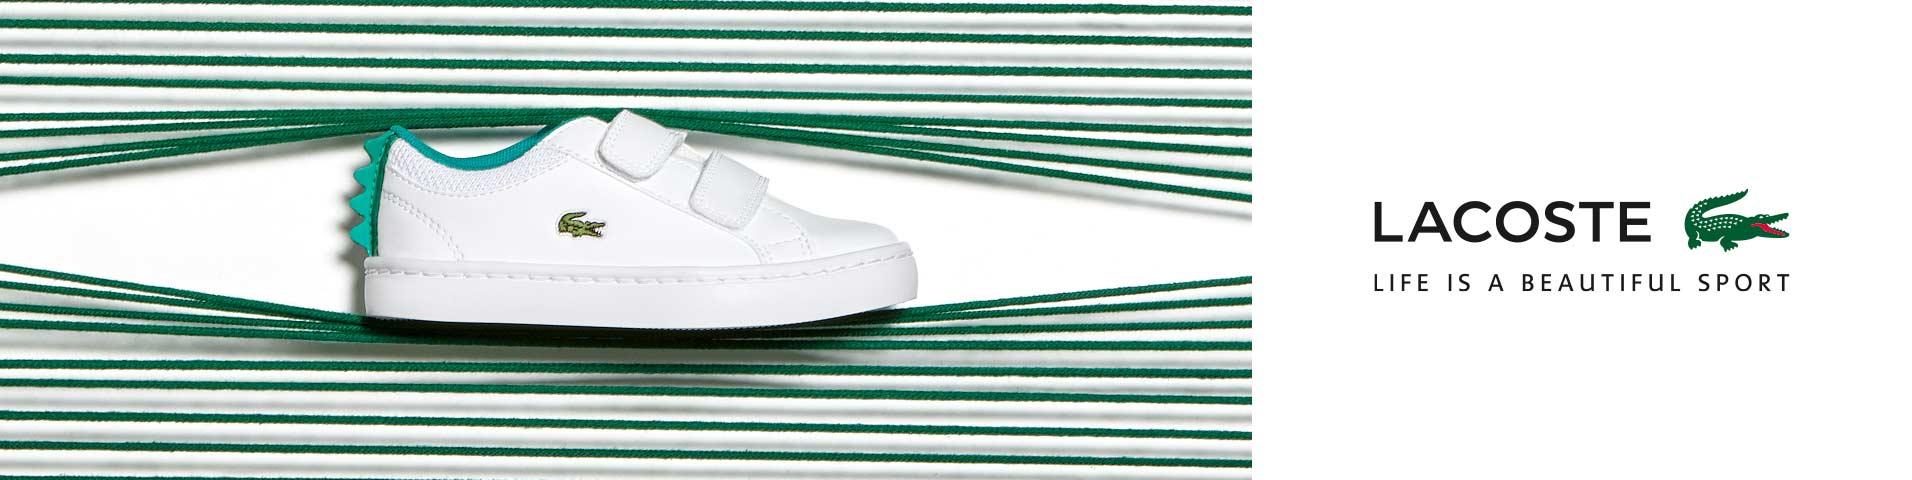 3e7bcea0e61 Lacoste Kinderschoenen online kopen | Gratis verzending | ZALANDO